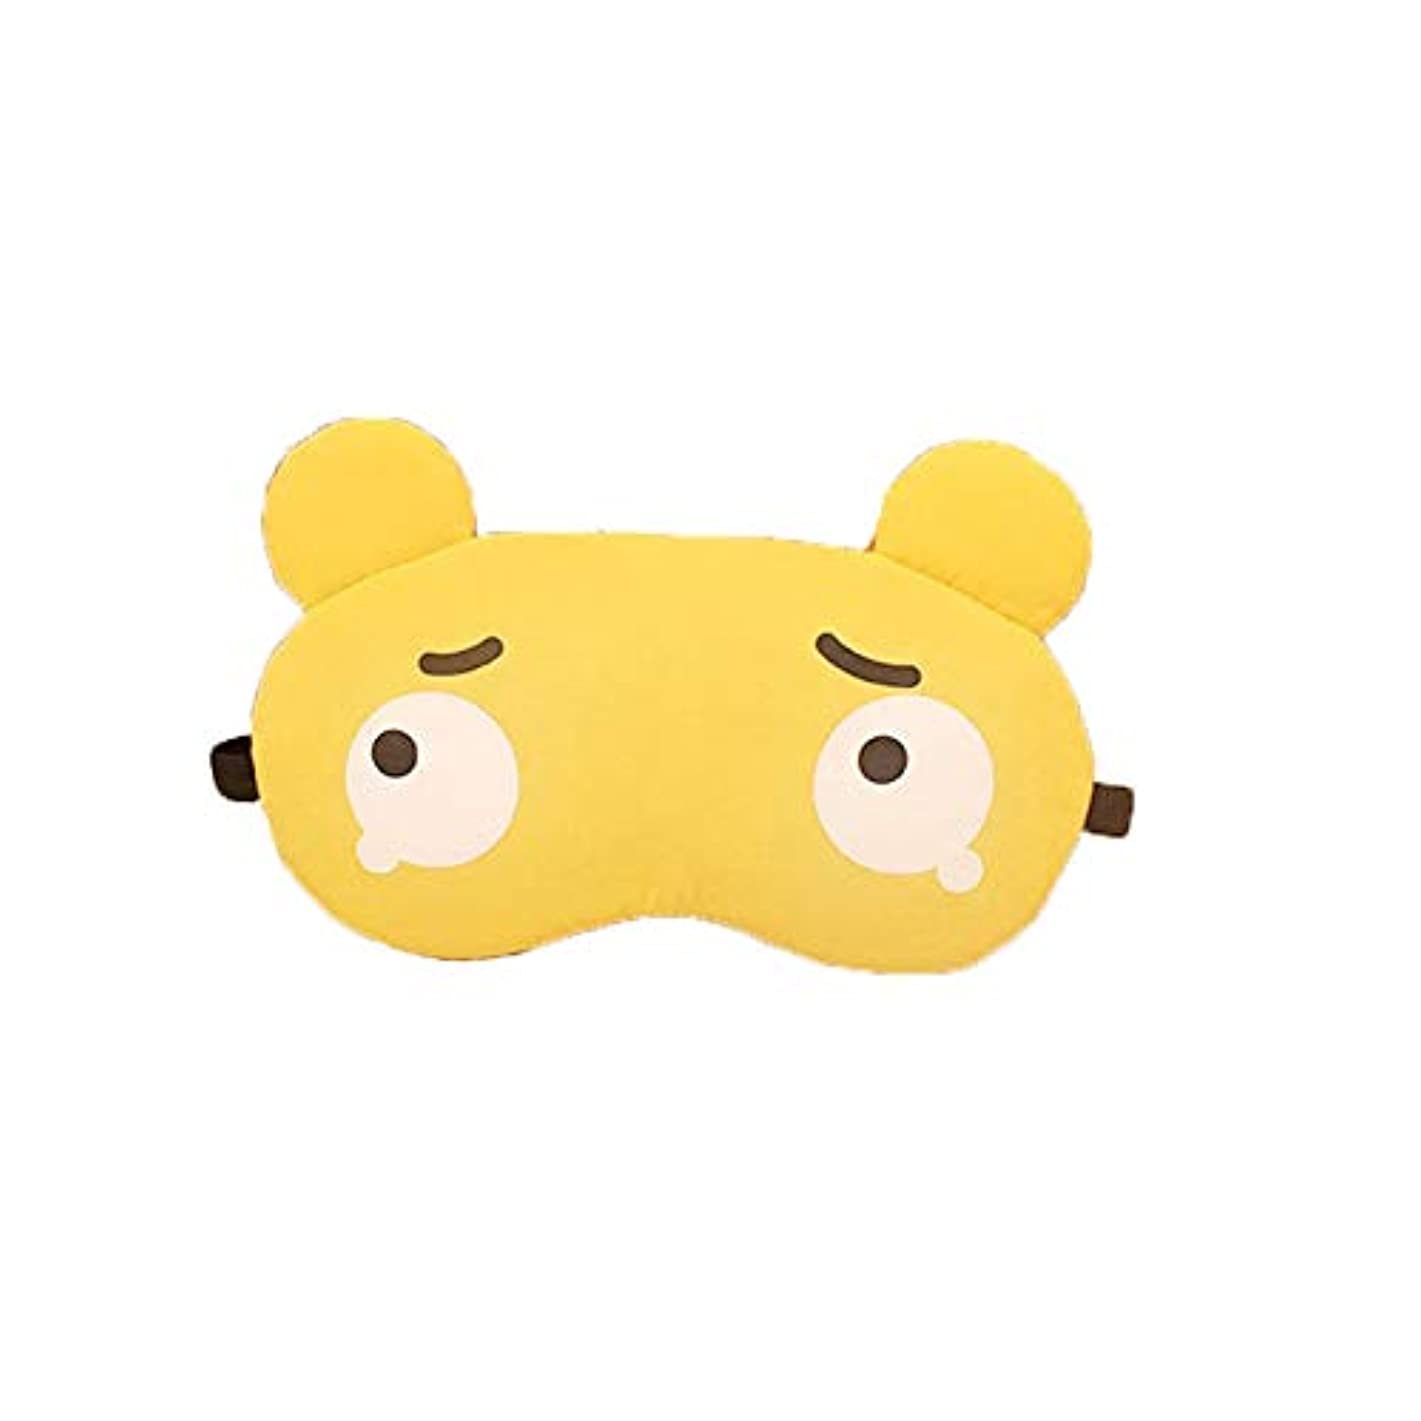 浴室ゆるいダムNOTE ソフトスリーピングマスクアイパッチポータブルアイマスク快適な少し悲しい顔漫画シェードカバー旅行リラックス睡眠補助MP0140